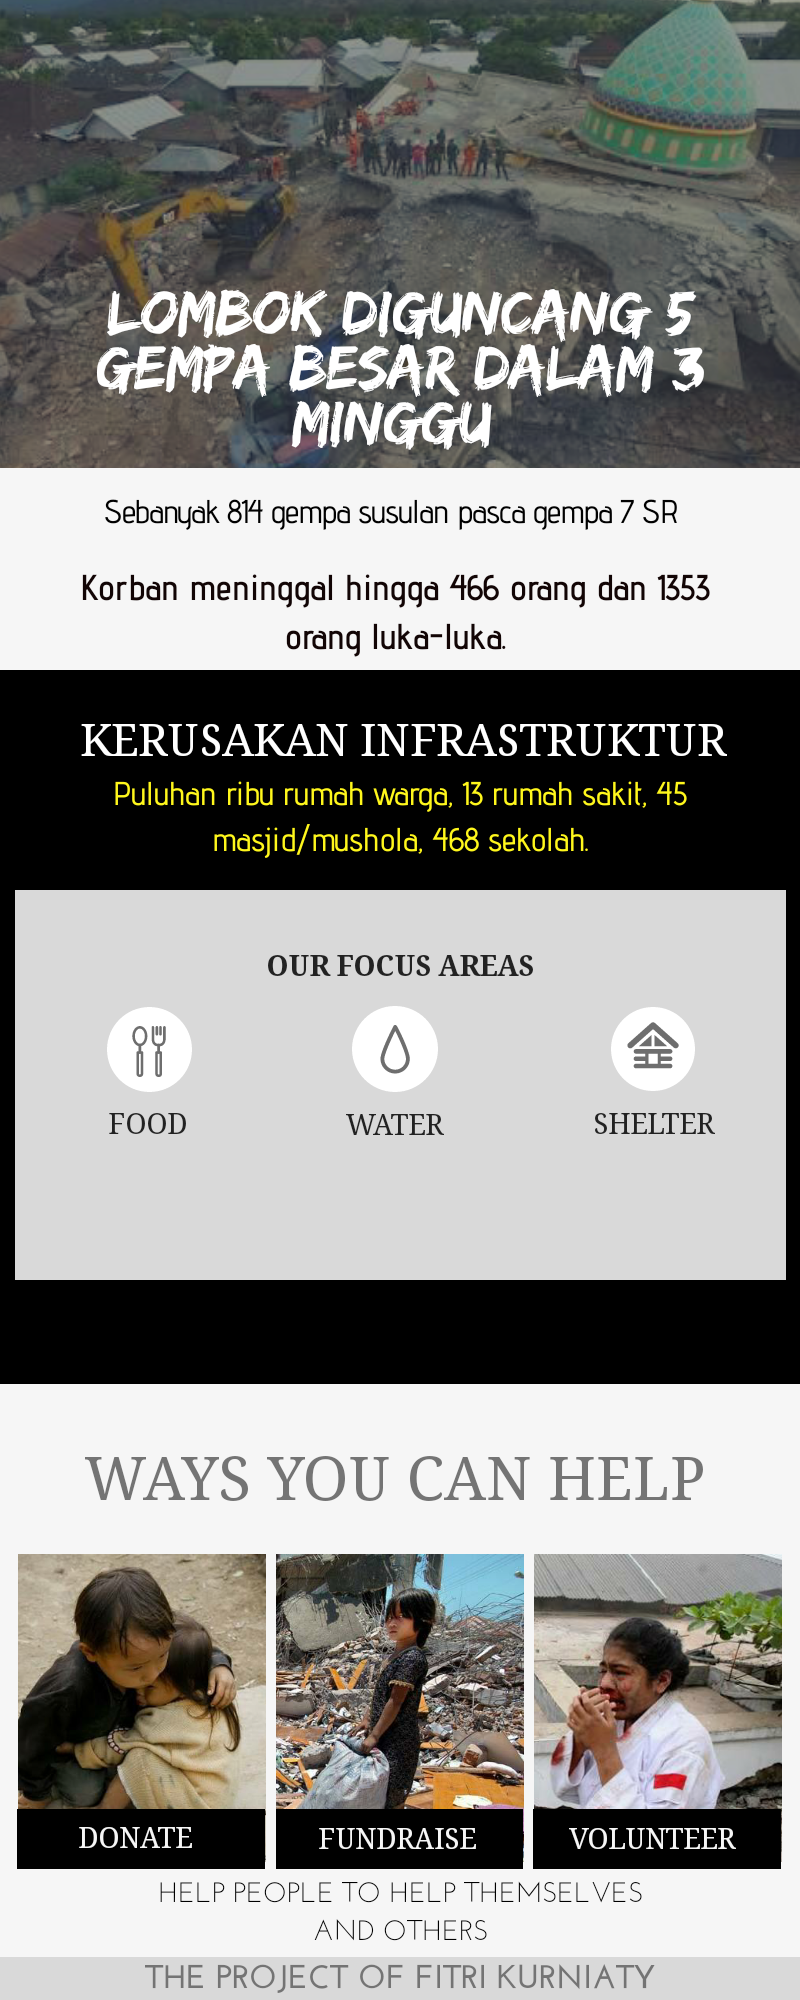 Kitabisa Bantu Korban Gempa Lombok Rumah Peduli Khusus 15 Jiwa 25c6953e2a5deb5e26876ffacea743db32811000